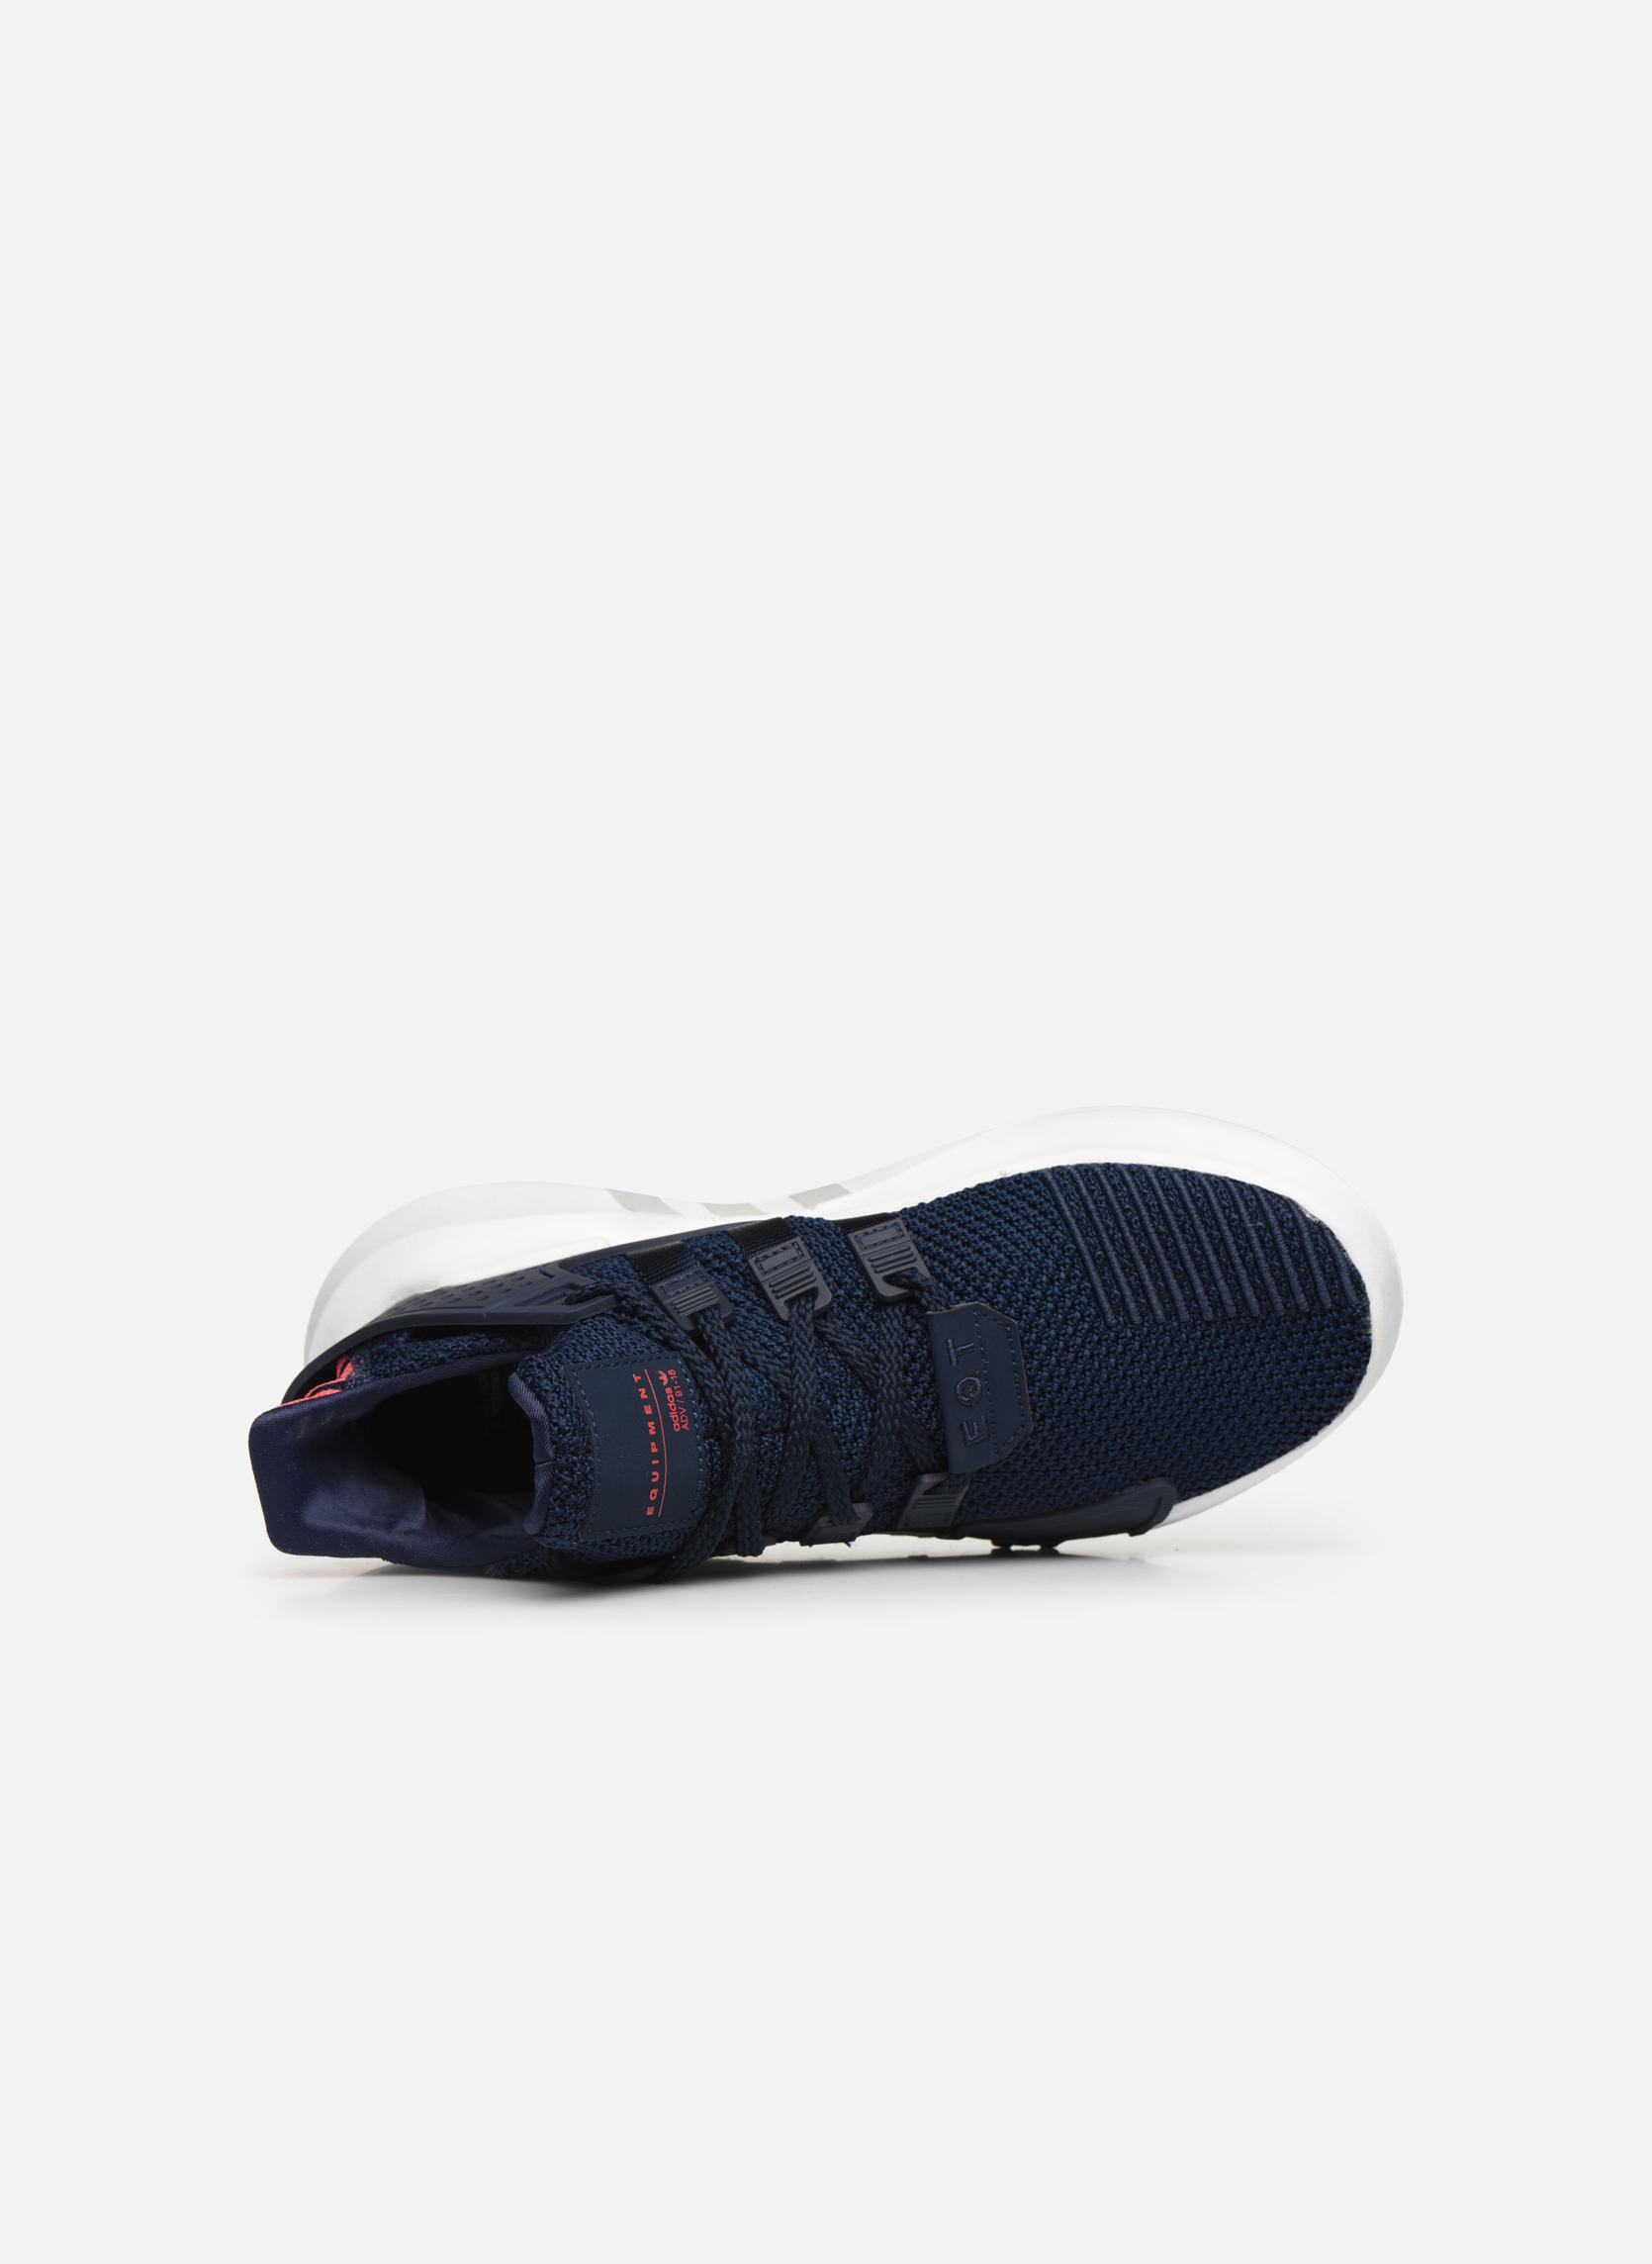 Baskets Adidas Originals Eqt Bask Adv J Bleu vue gauche